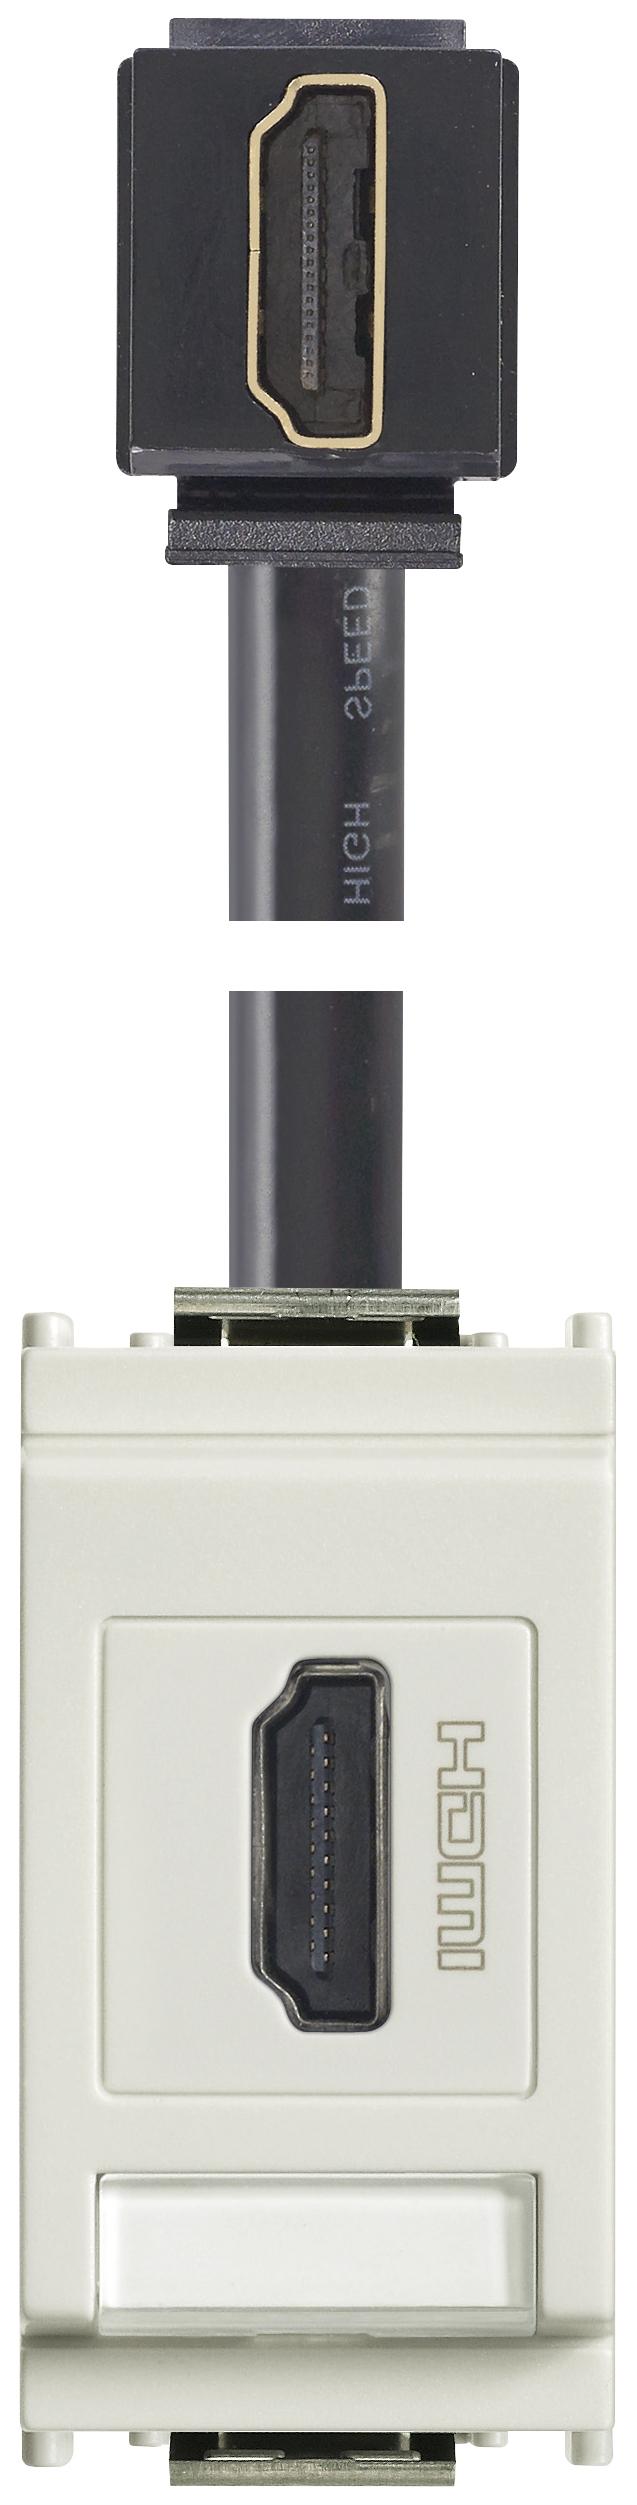 signalanschlußdosen: steckdose hdmi 90°-kabel weiß - 16334.h.b